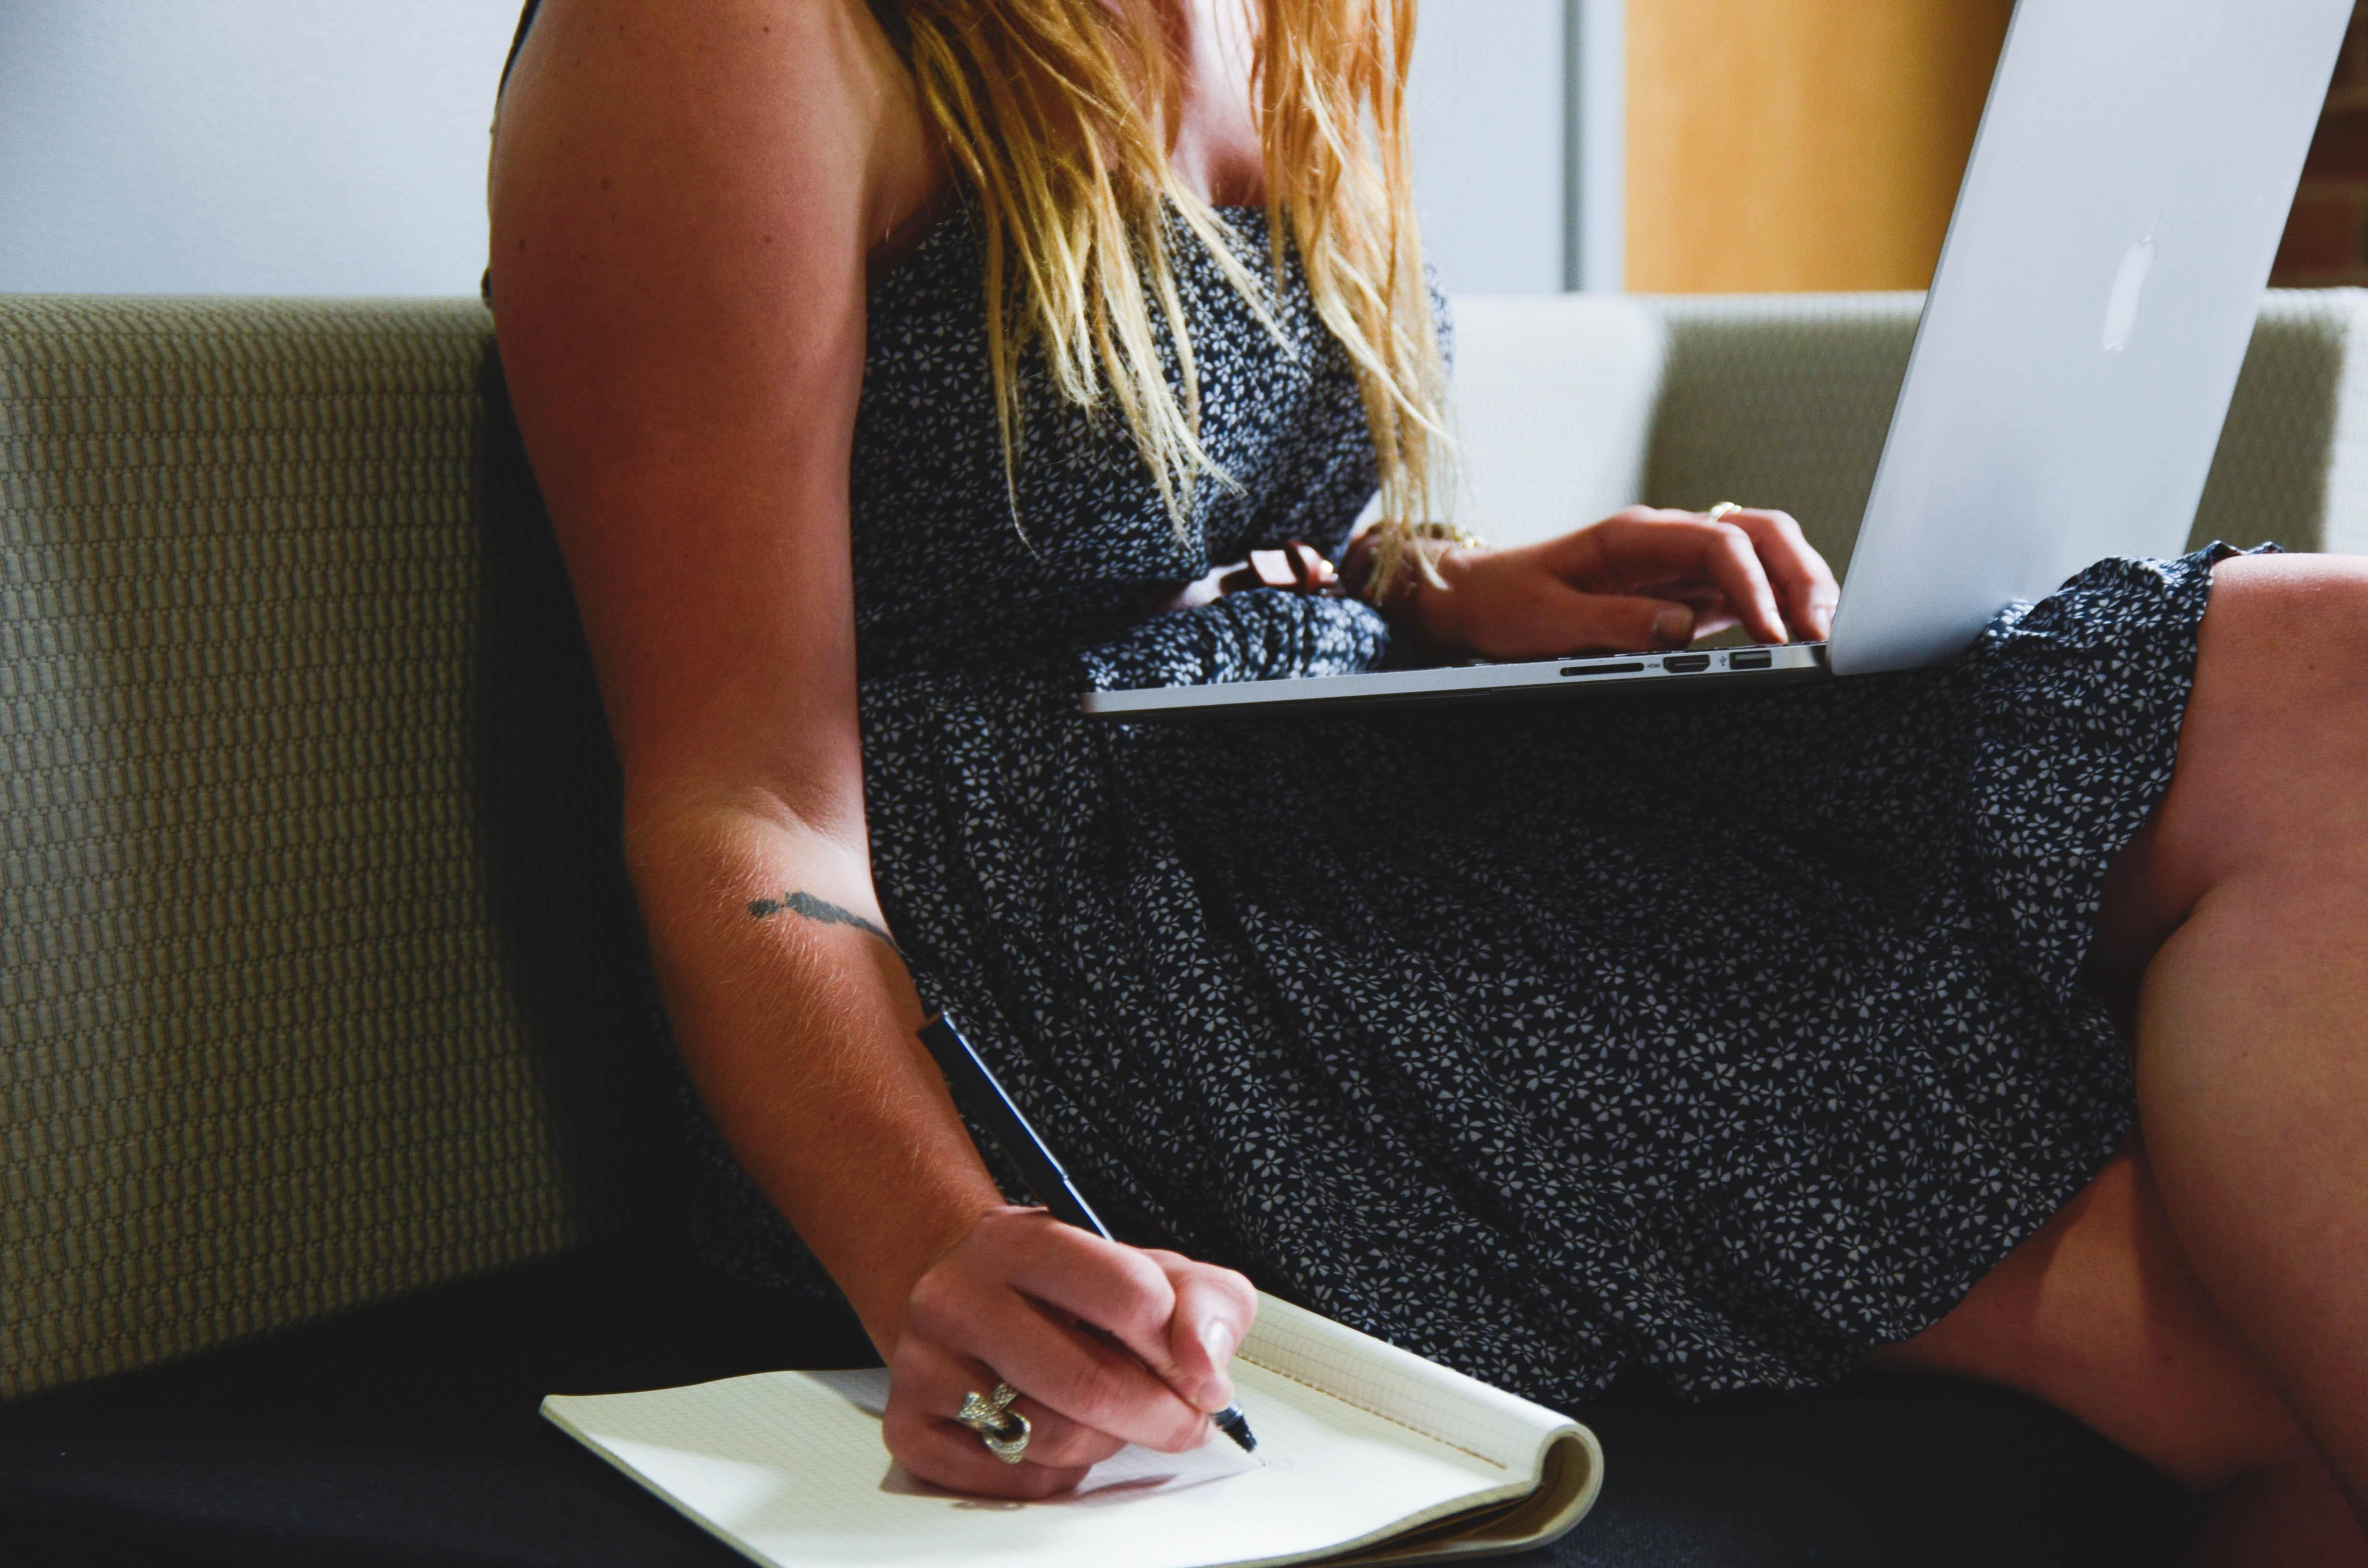 mulher sentada com um computador no colo escrevendo alguma coisa em um bloco de notas